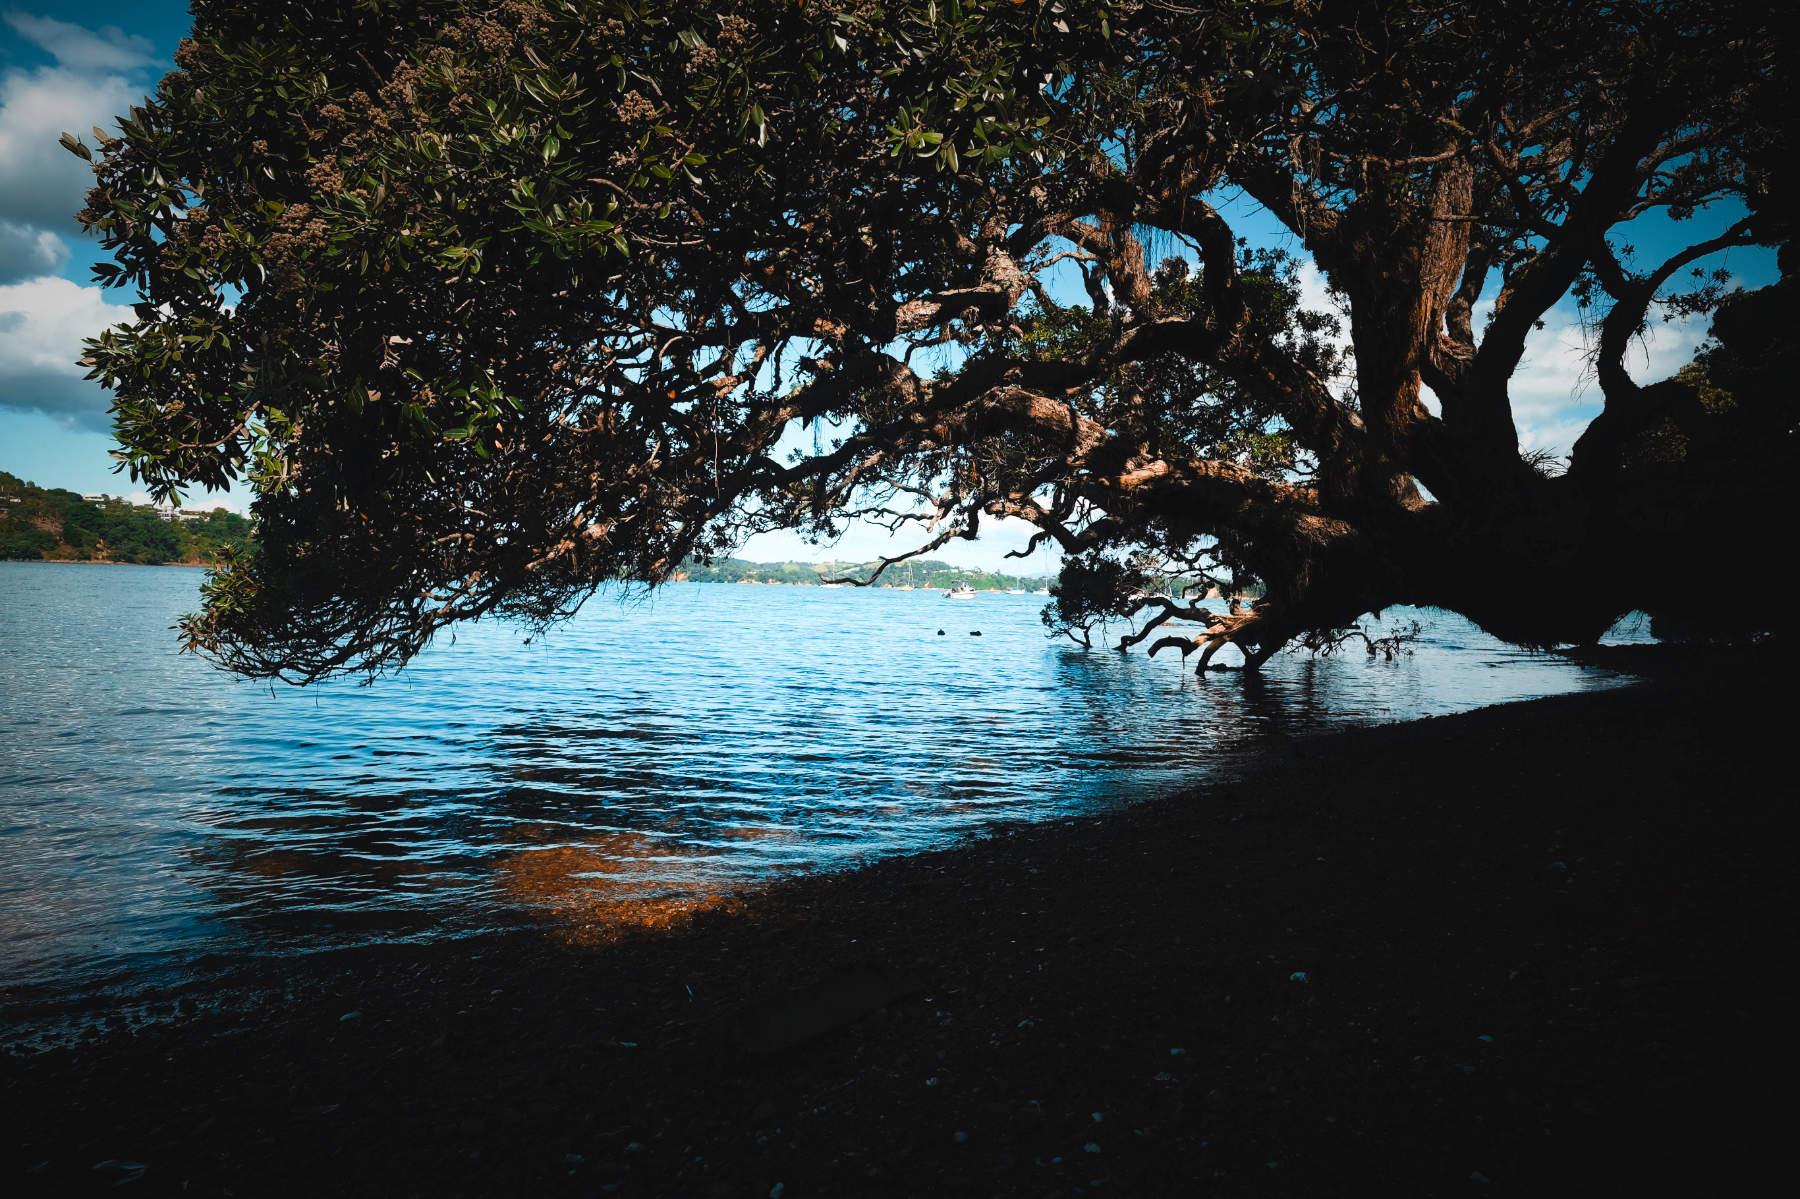 Tree overhanging onto water waiheke island New Zealand